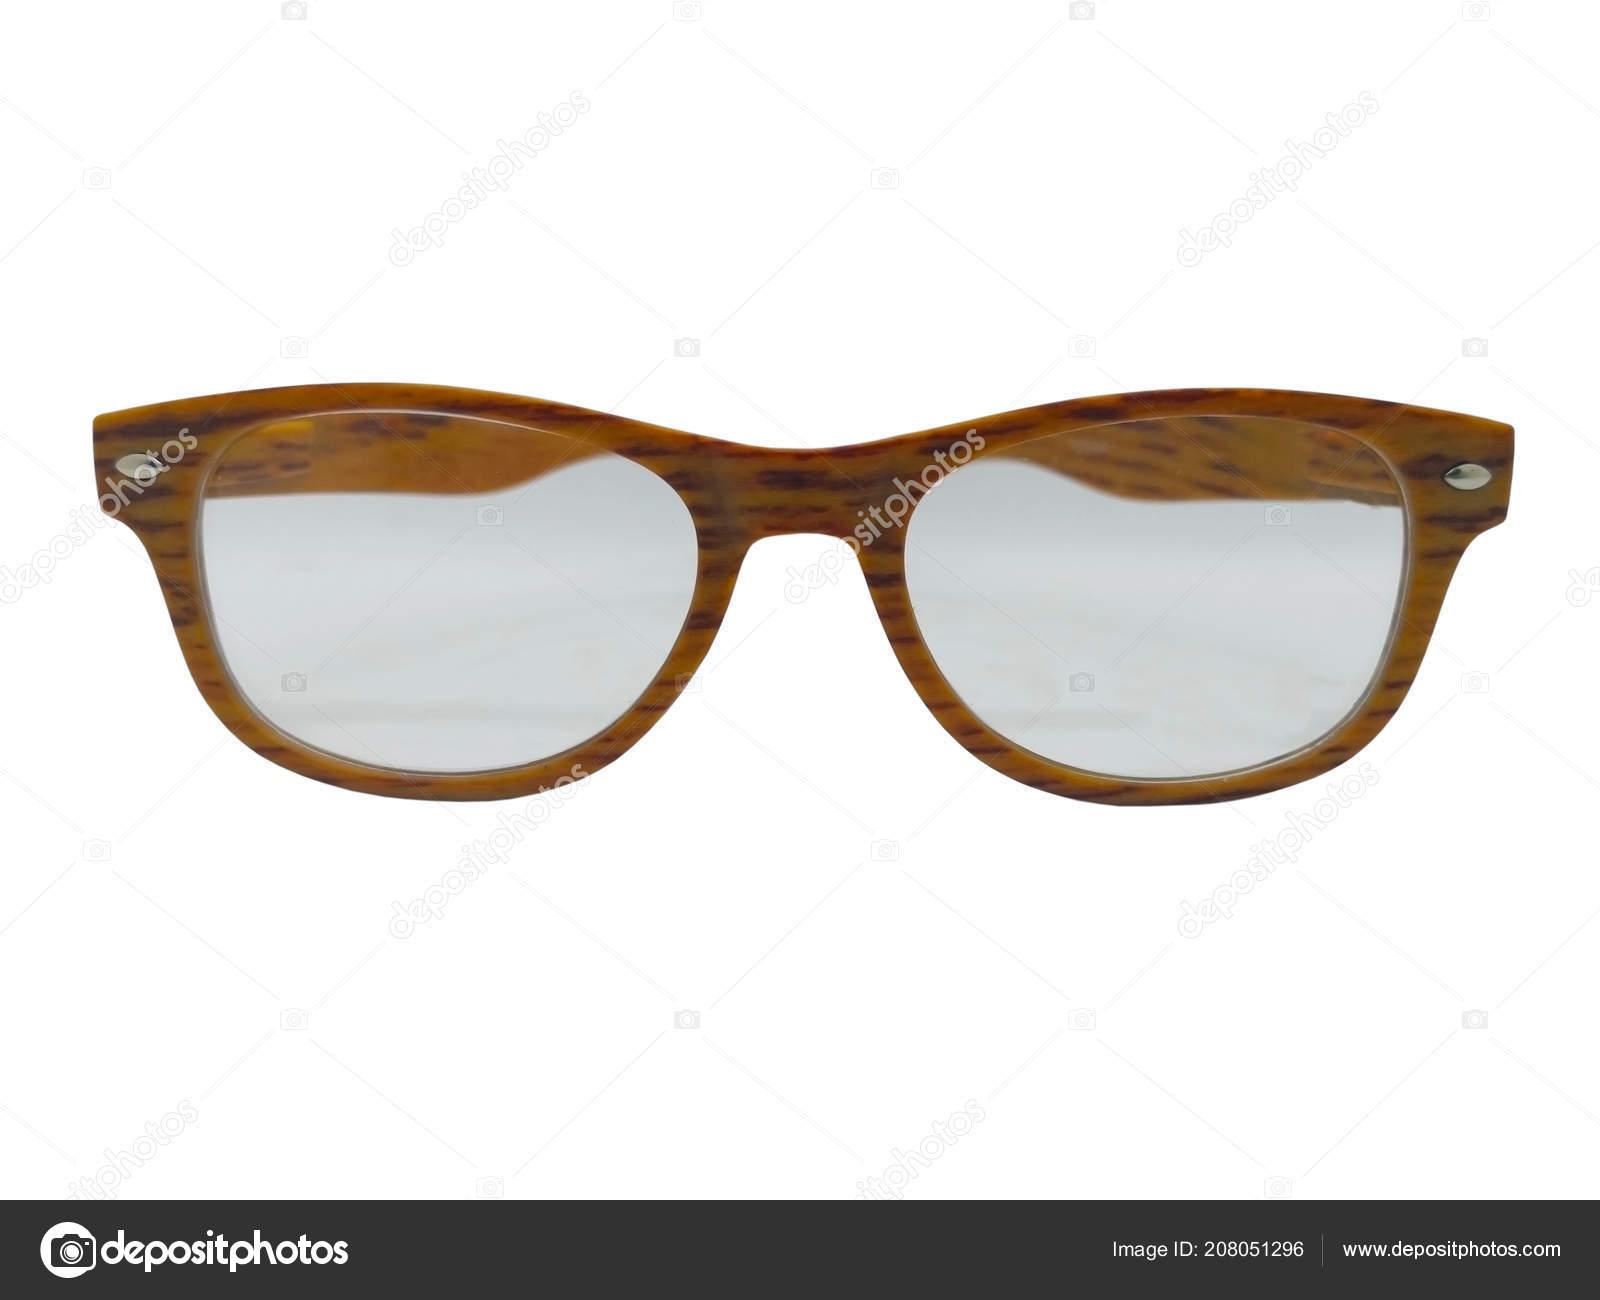 93db8489ee Lente transparente de anteojos con marco de madera. Aislado sobre fondo  blanco, copia espacio y trazado de recorte — Foto de  rujirathumdumrong@gmail.com| ...